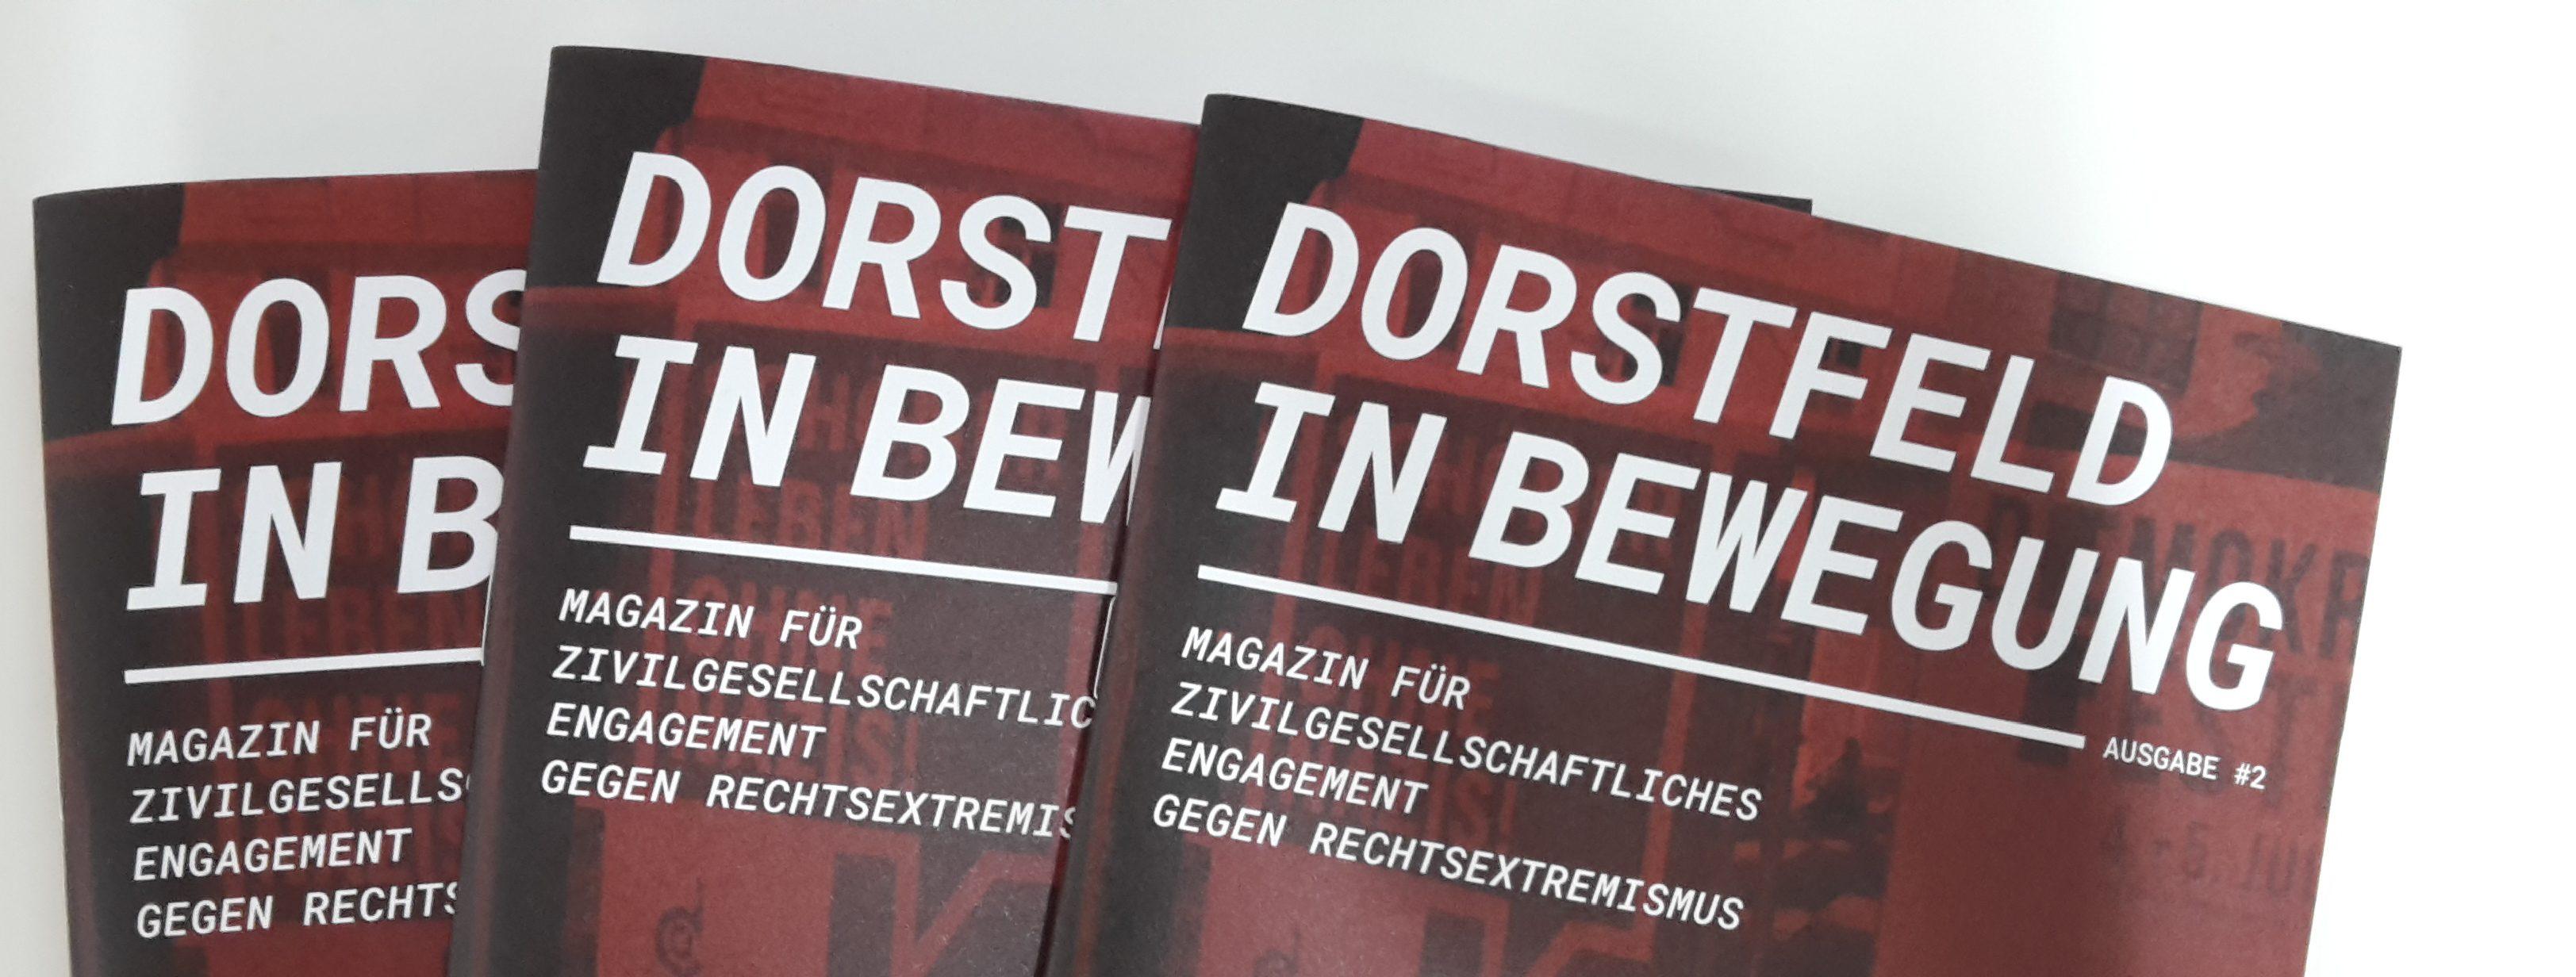 Zweite Ausgabe von »Dorstfeld in Bewegung« veröffentlicht